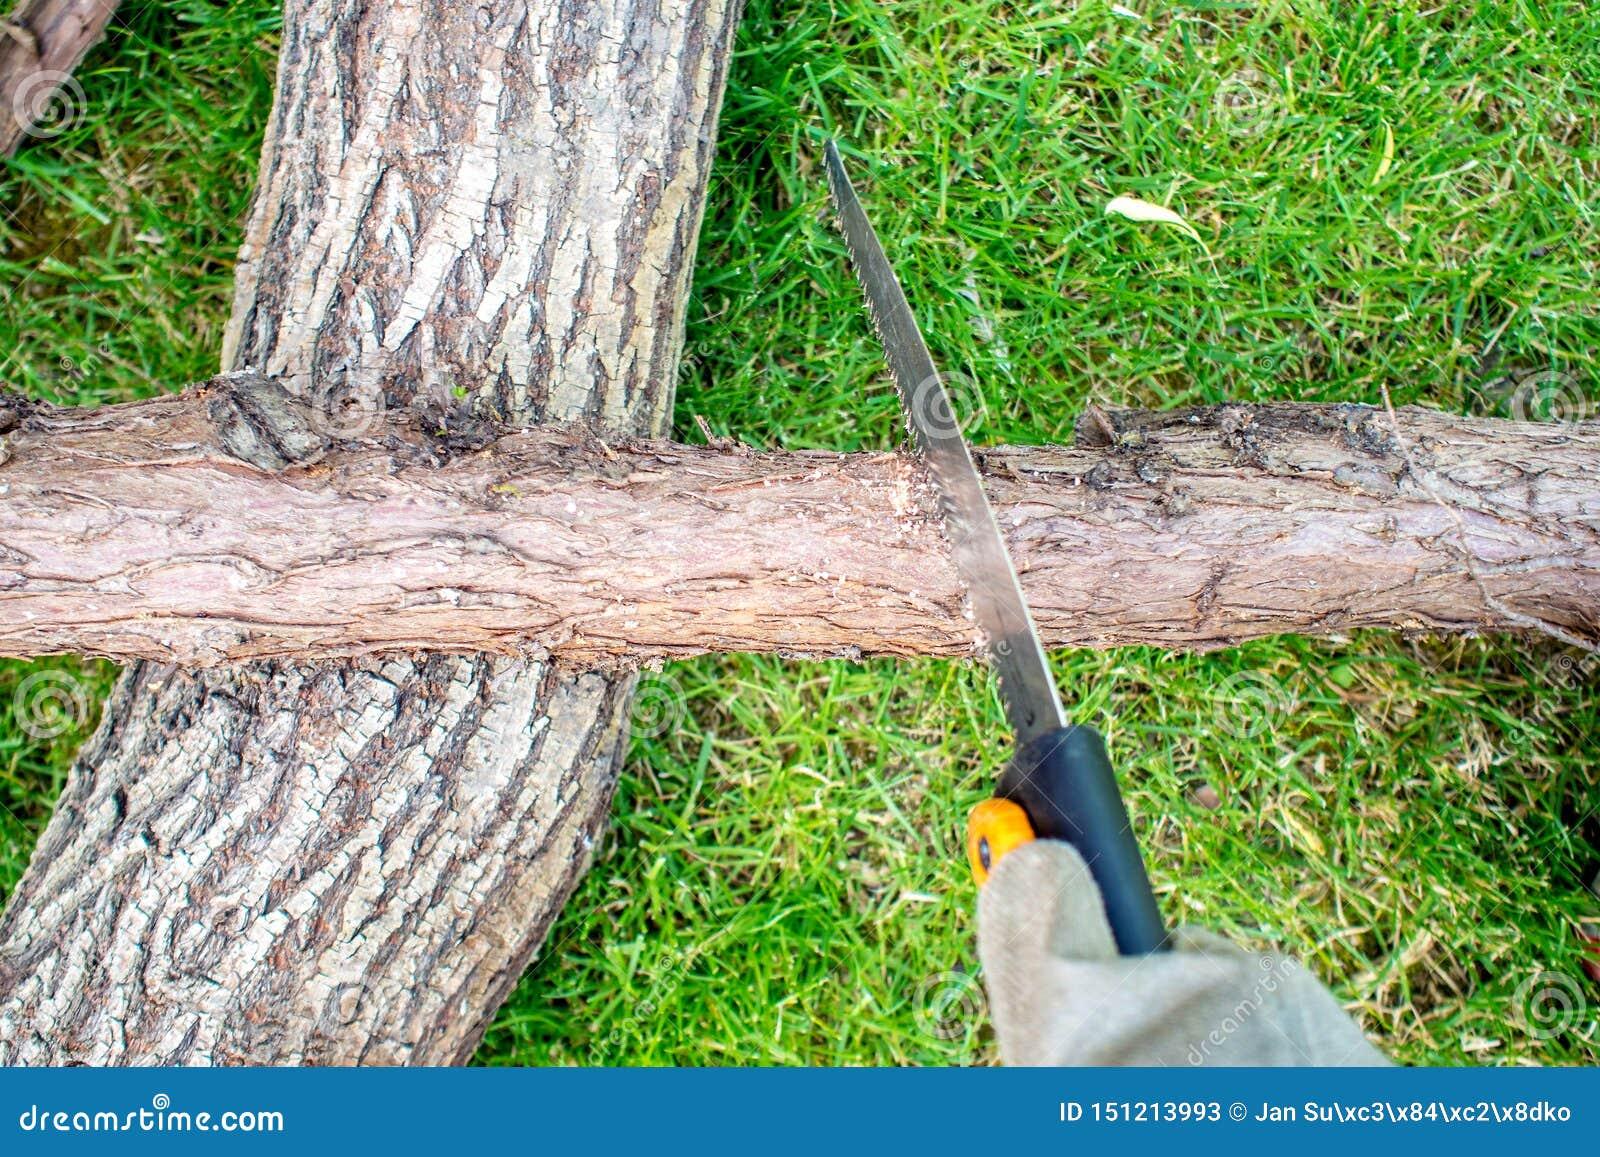 Trabajando en jardín, un mann que asierra un zoquete de la madera